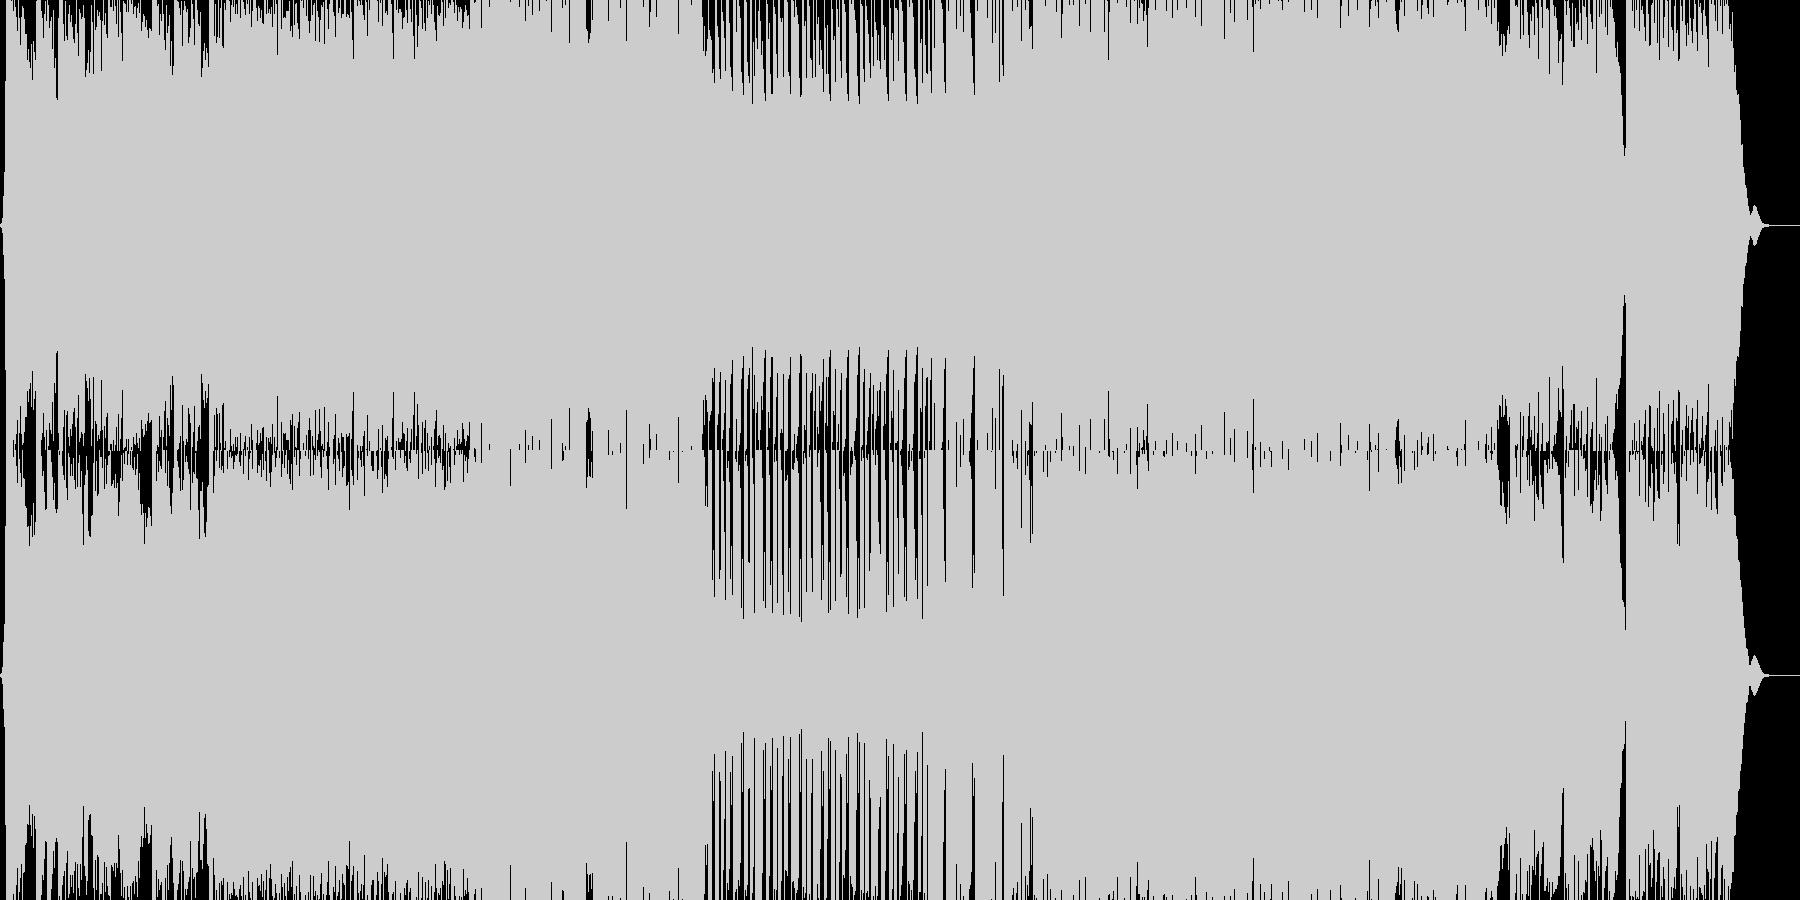 ラウドでシンフォニックなダブステップの未再生の波形